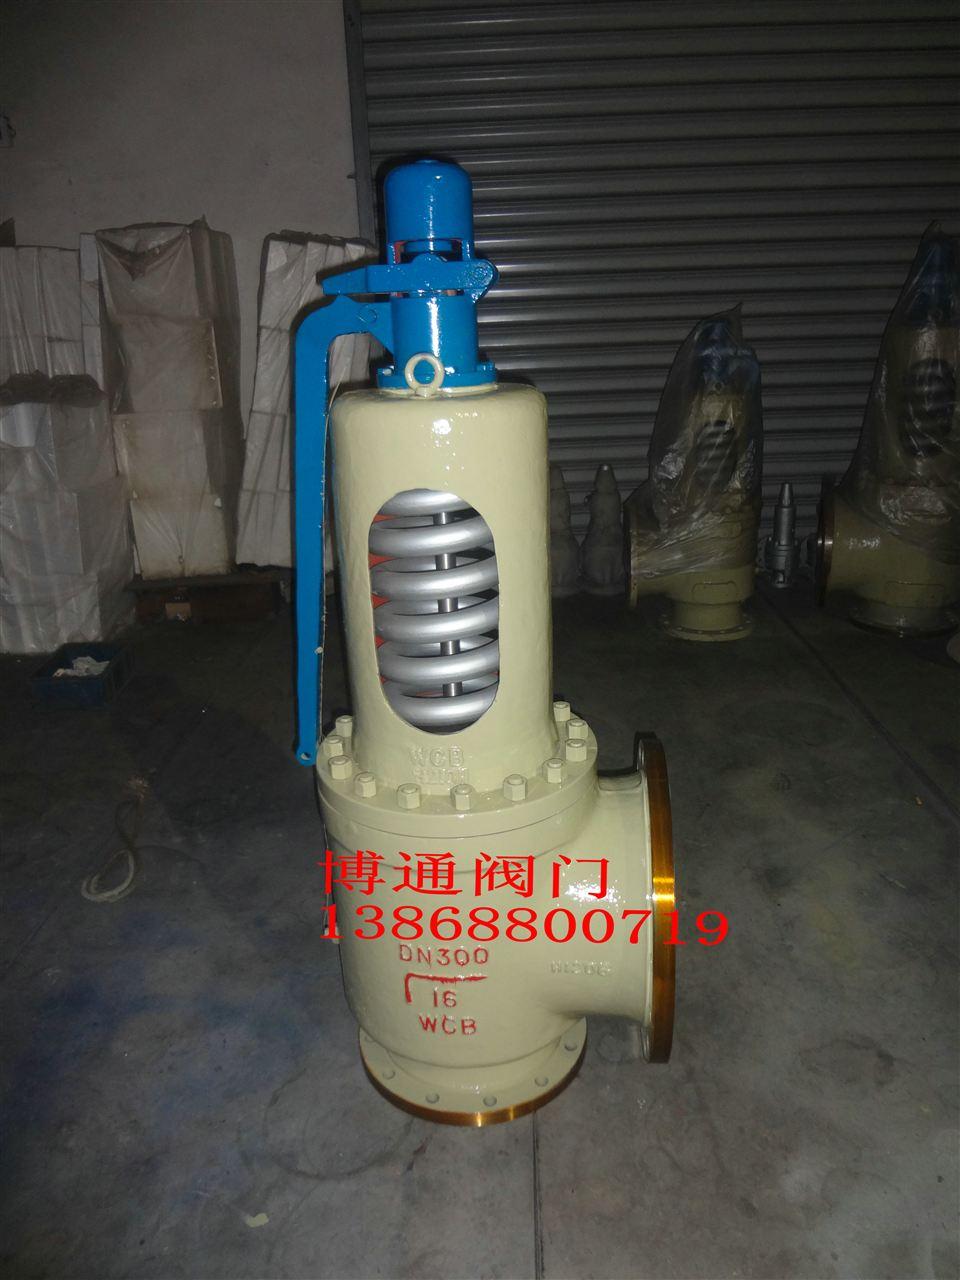 锅炉安全阀的安装介绍图片